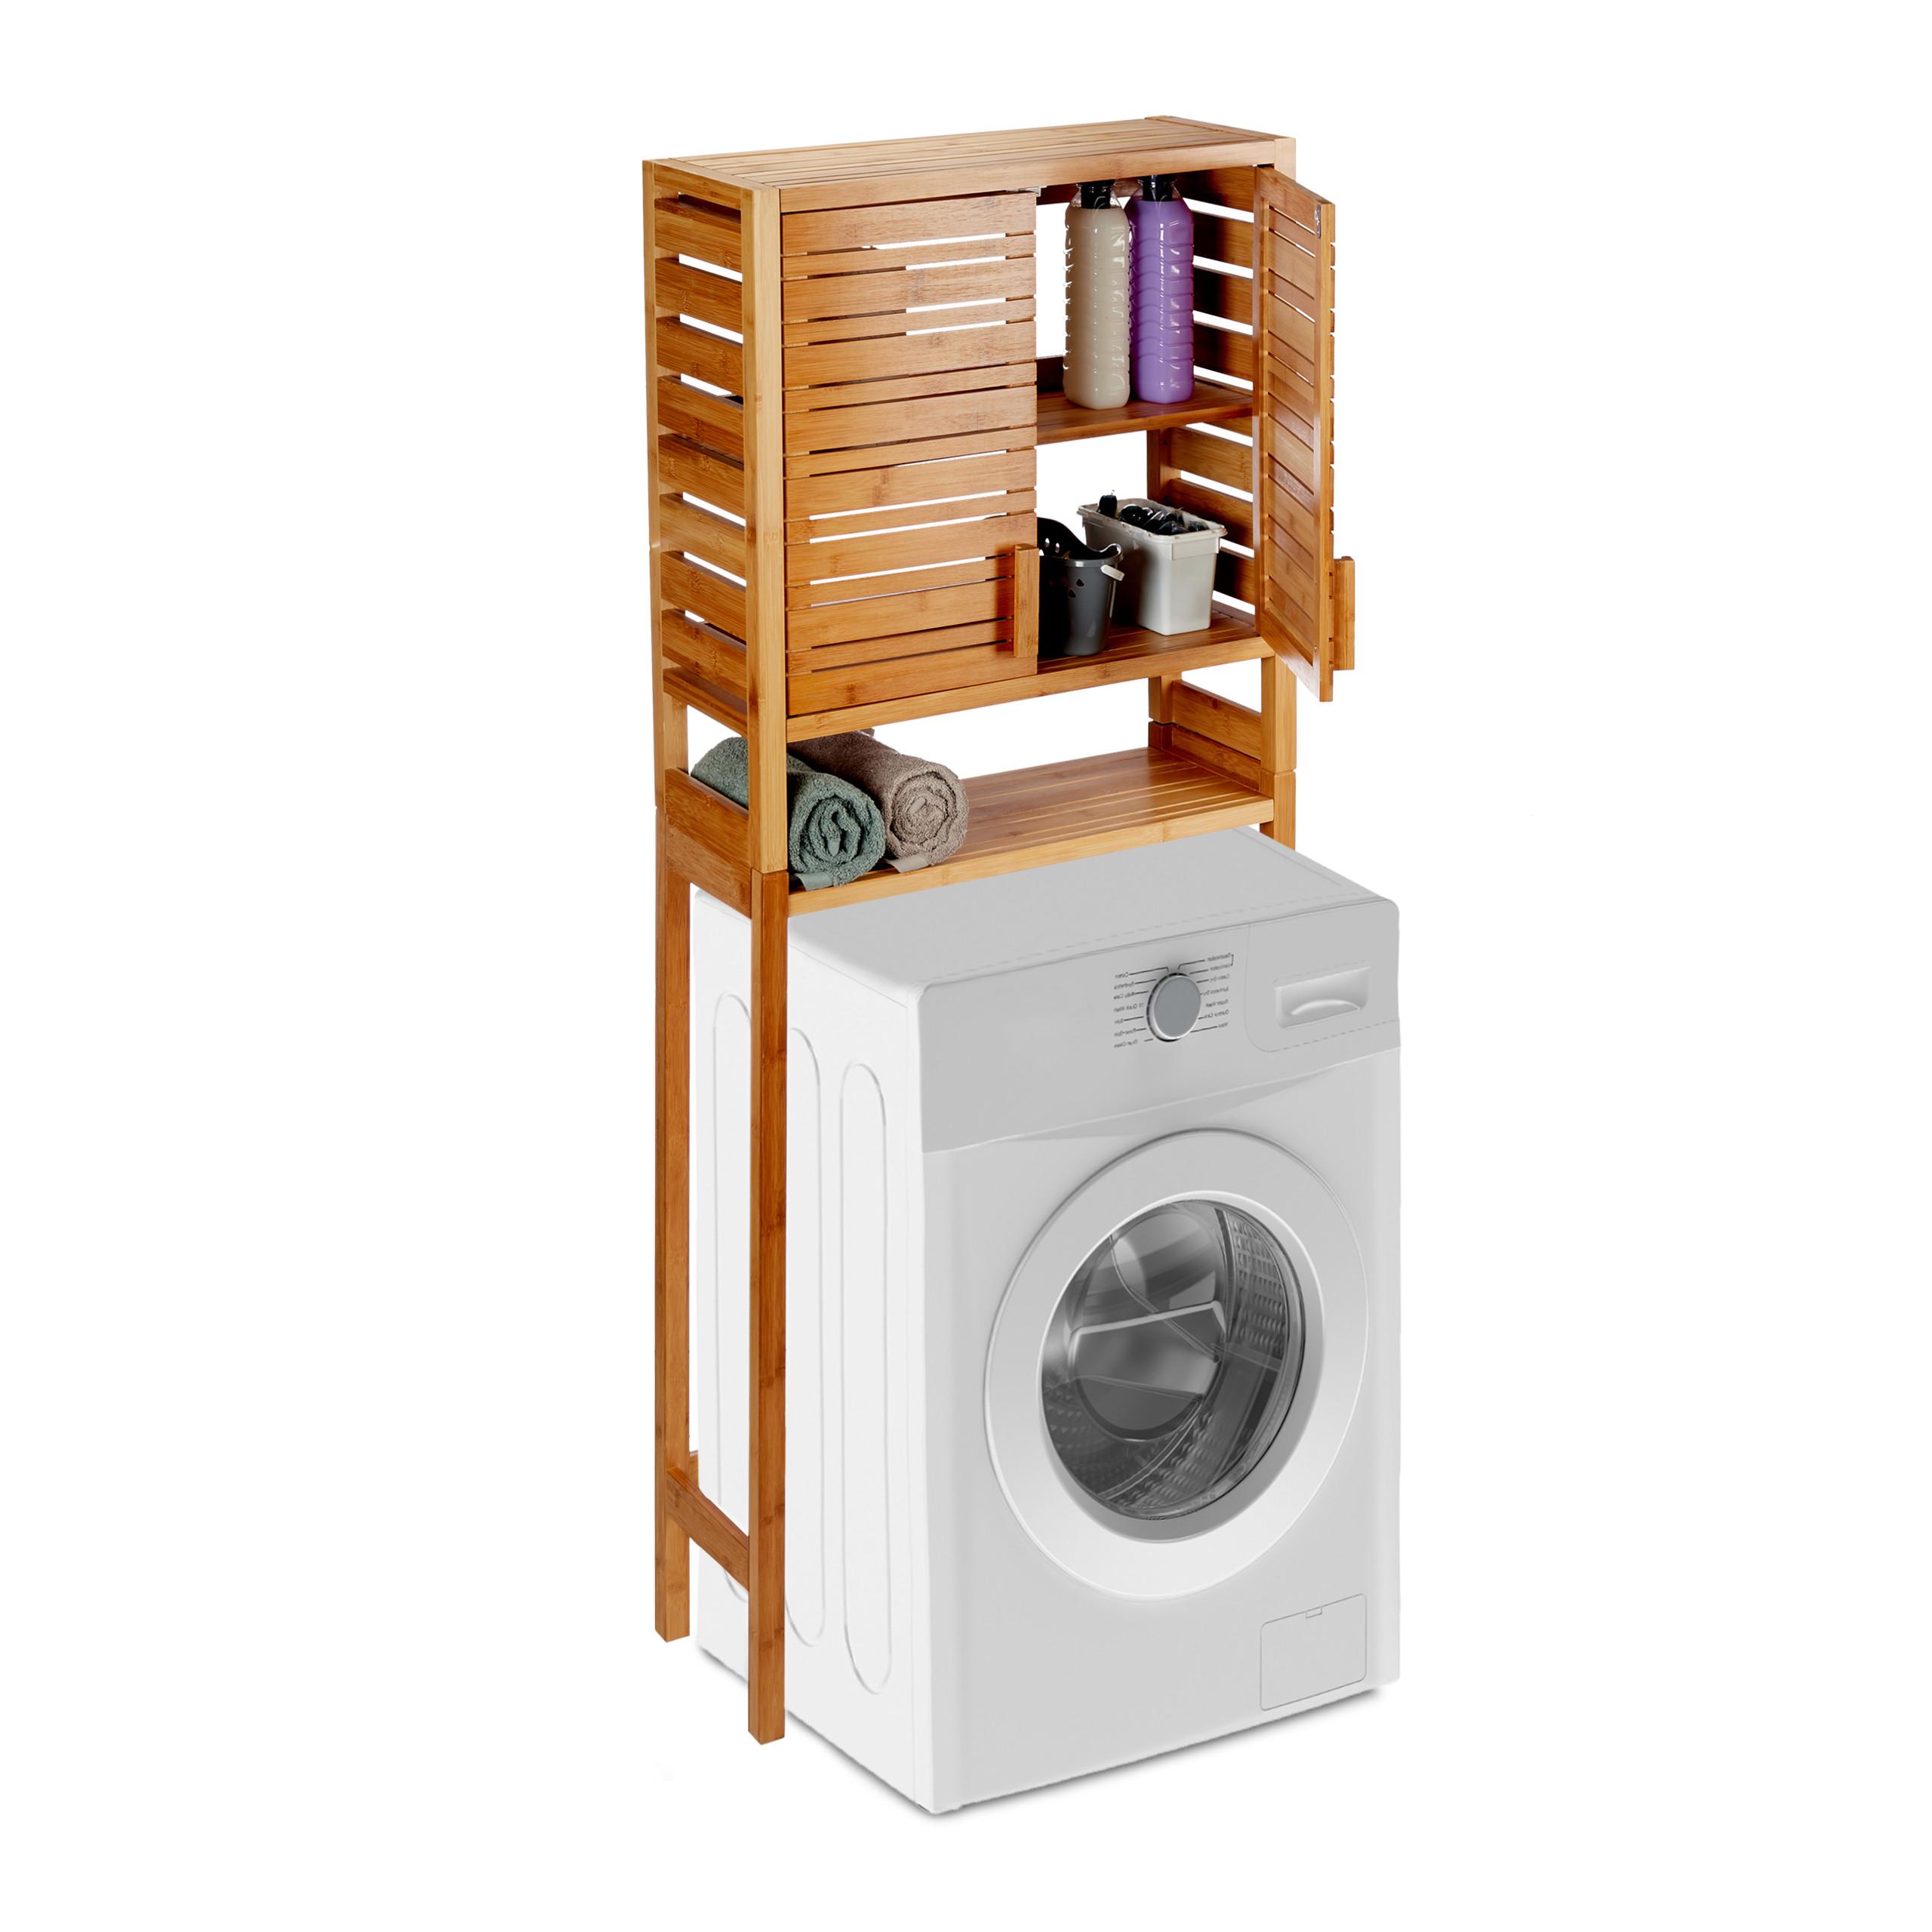 Waschmaschinenschrank Bambus Badschrank Wc Hochschrank